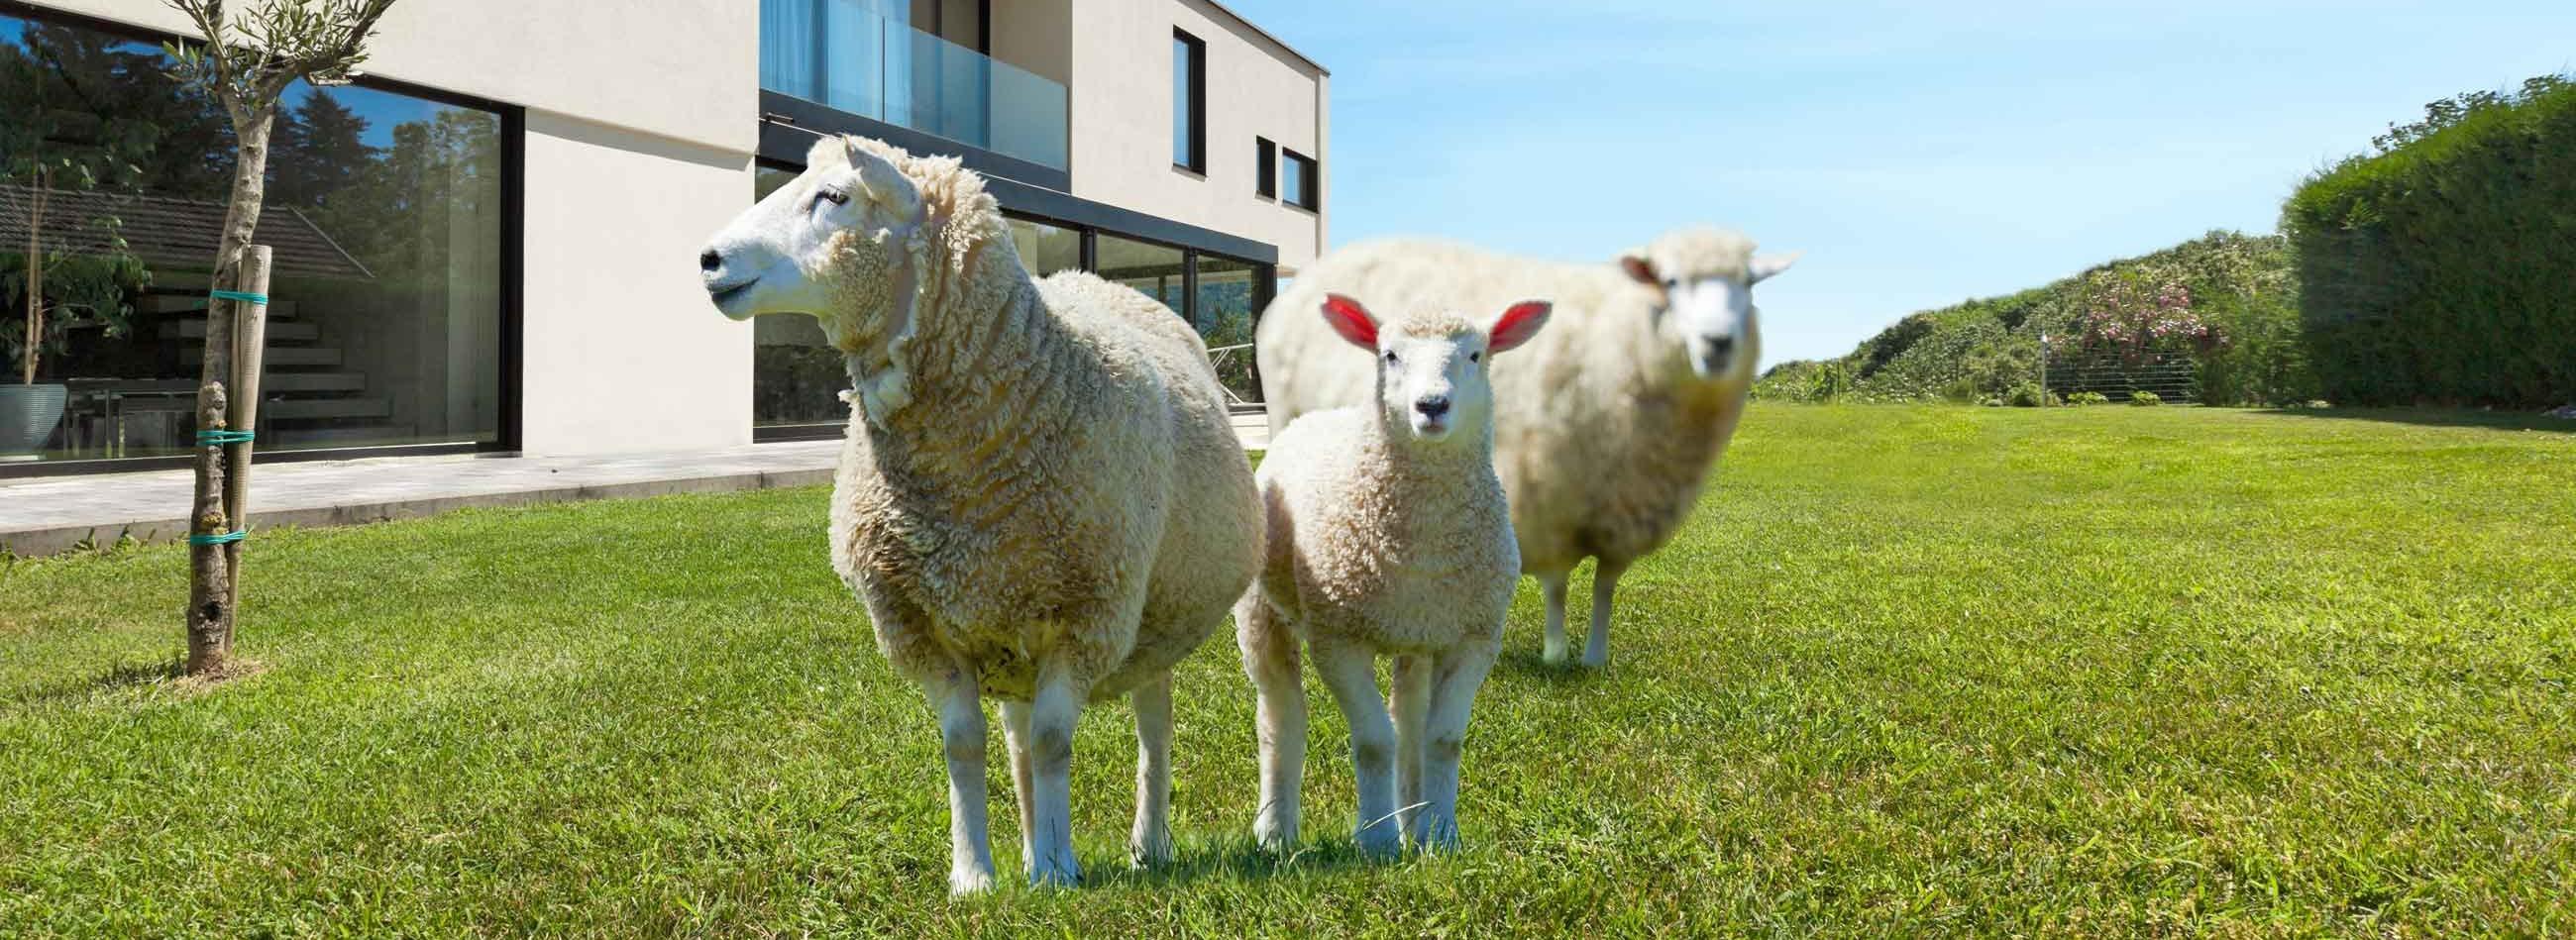 Mouton tondeuse